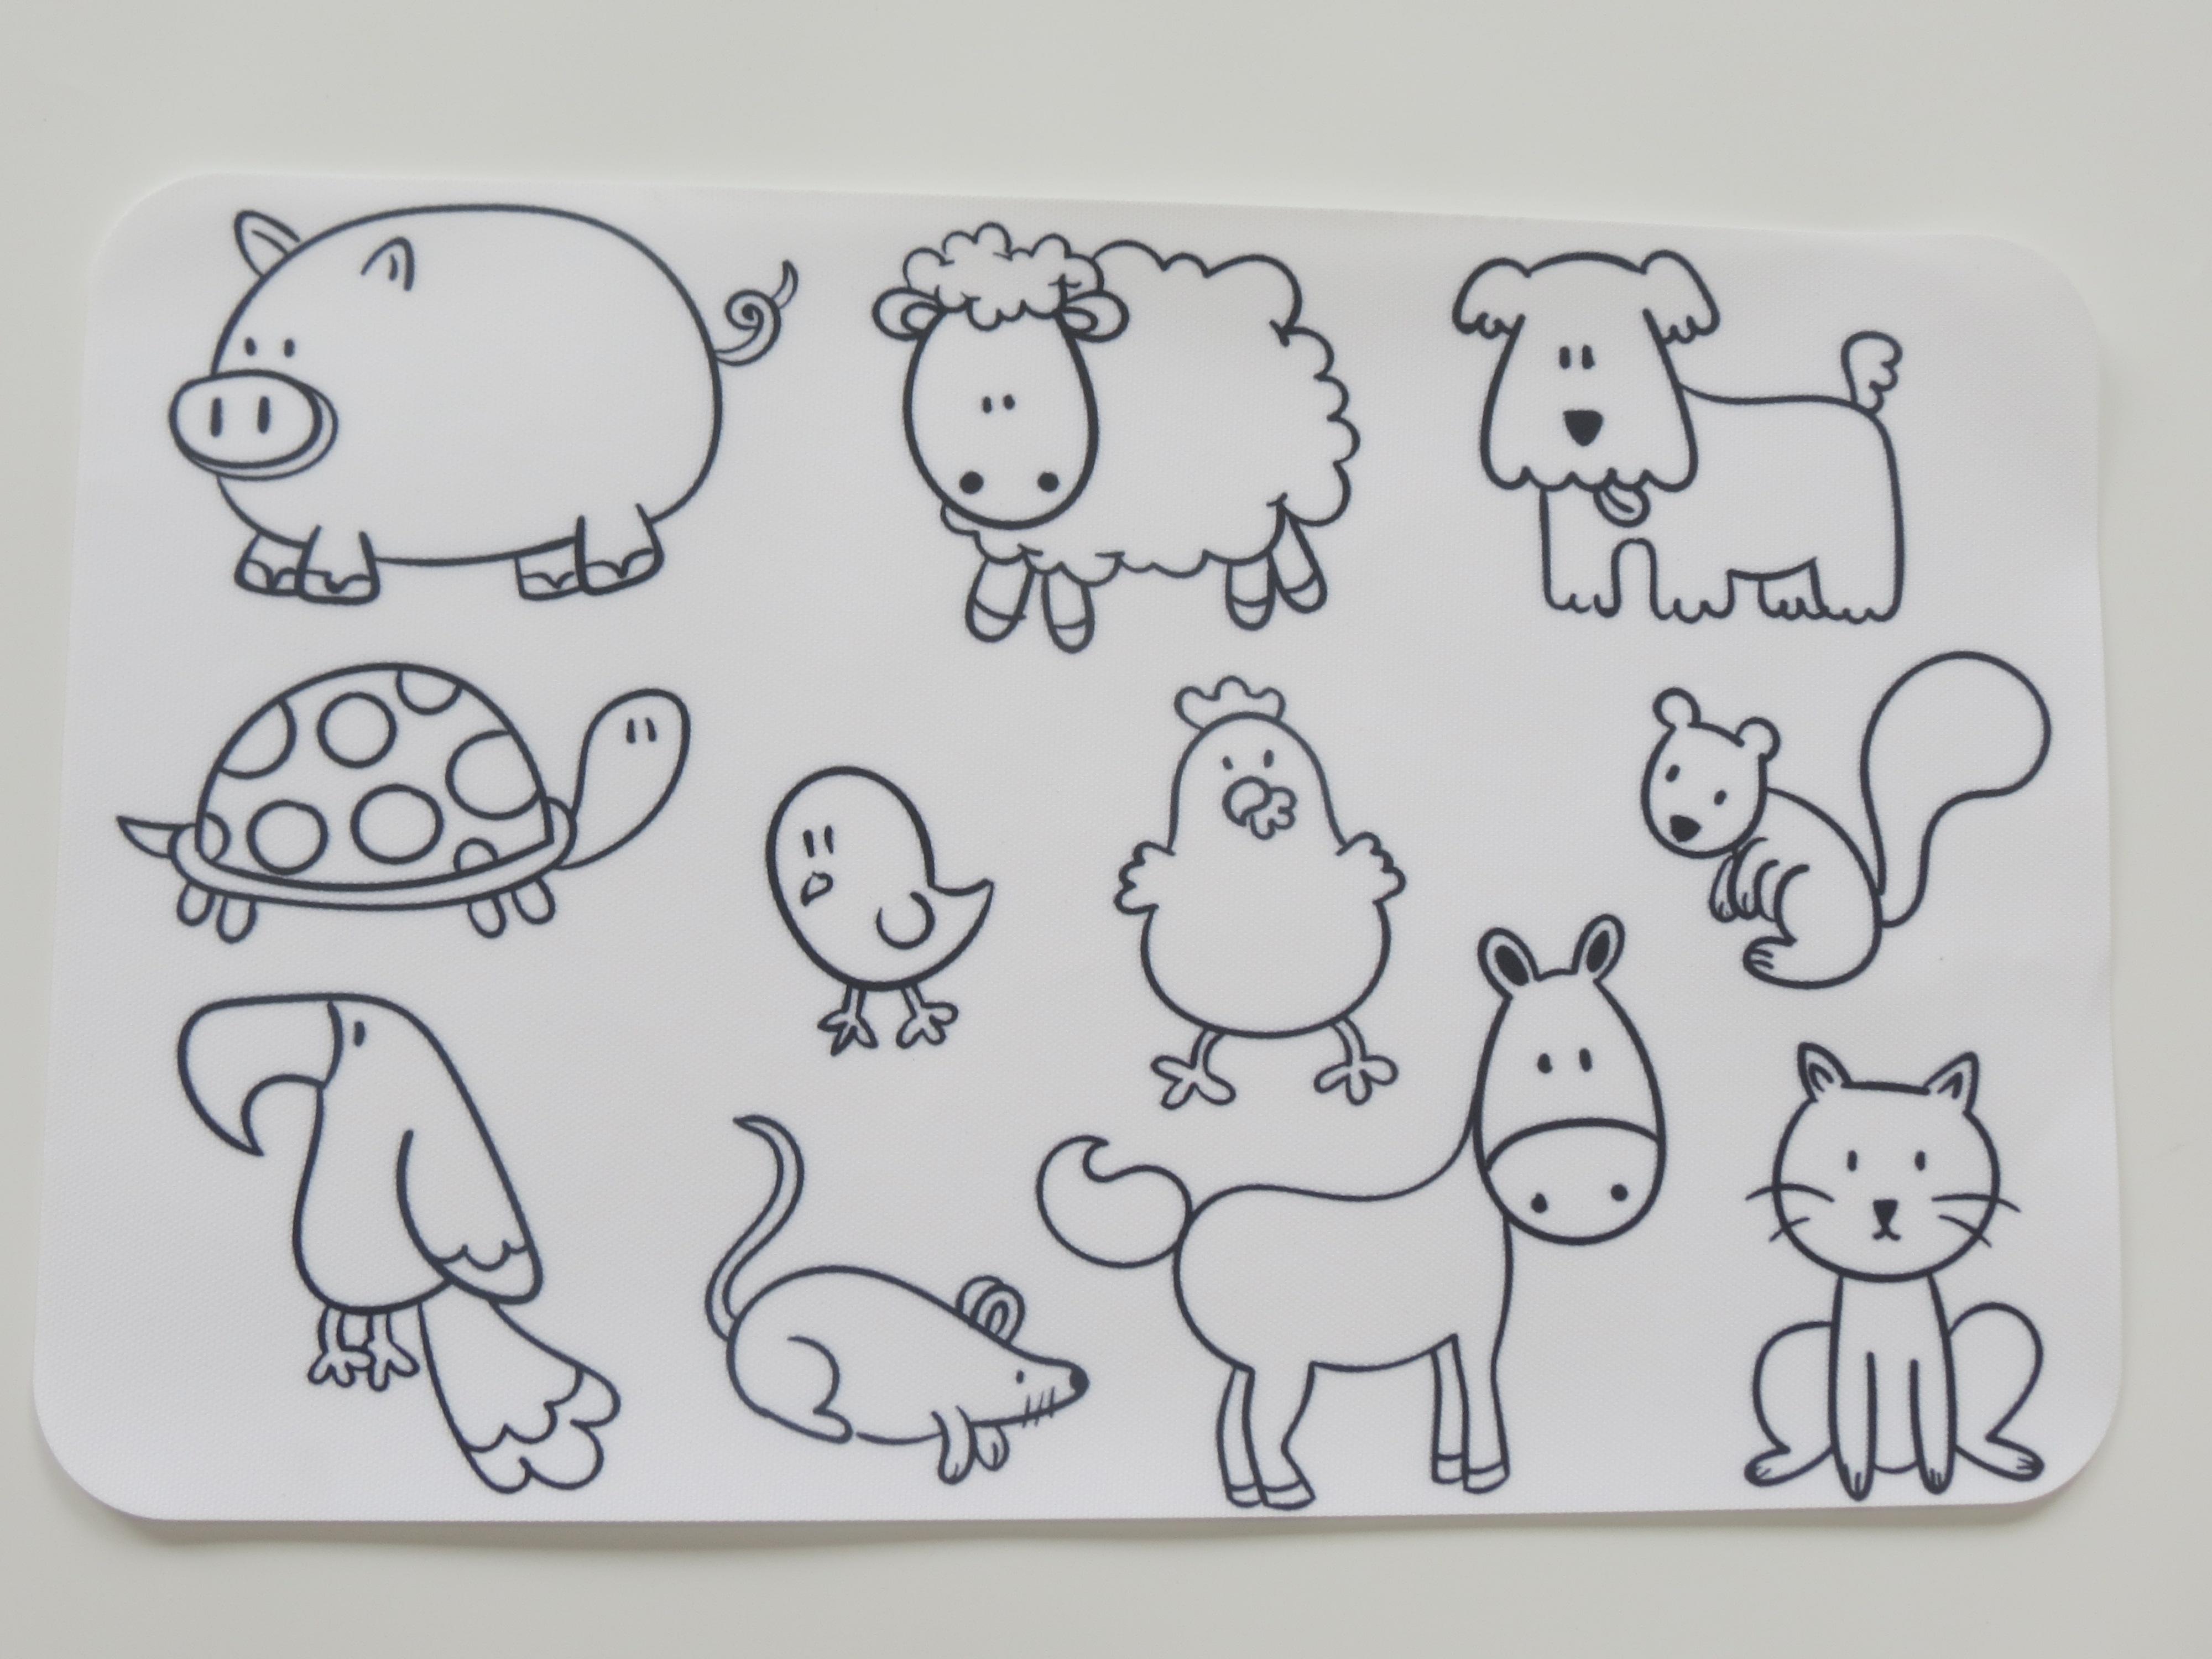 创意儿童玩具益智涂鸦画布餐垫轻松擦洗